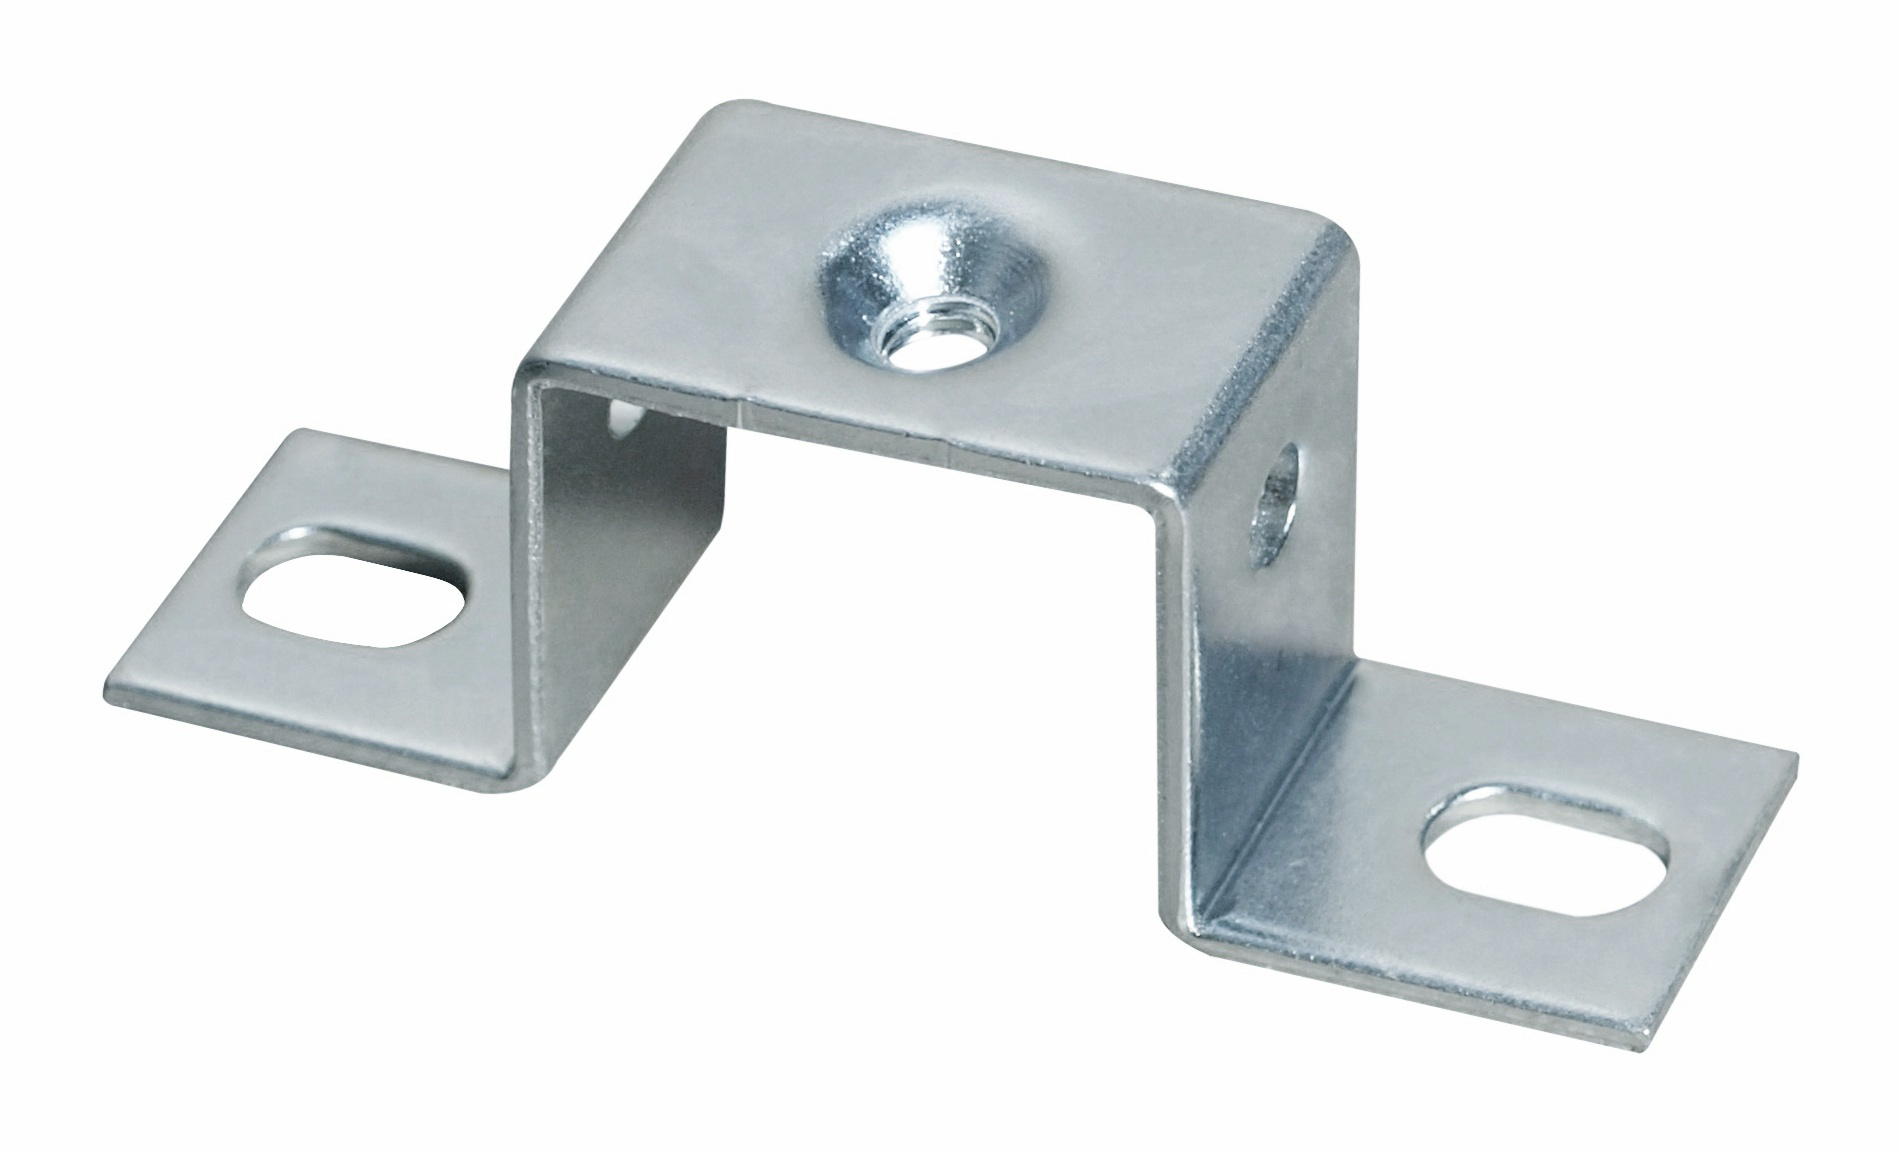 1 Stk Montagebügel für DIN-Schiene Höhe 30mm IK100996--